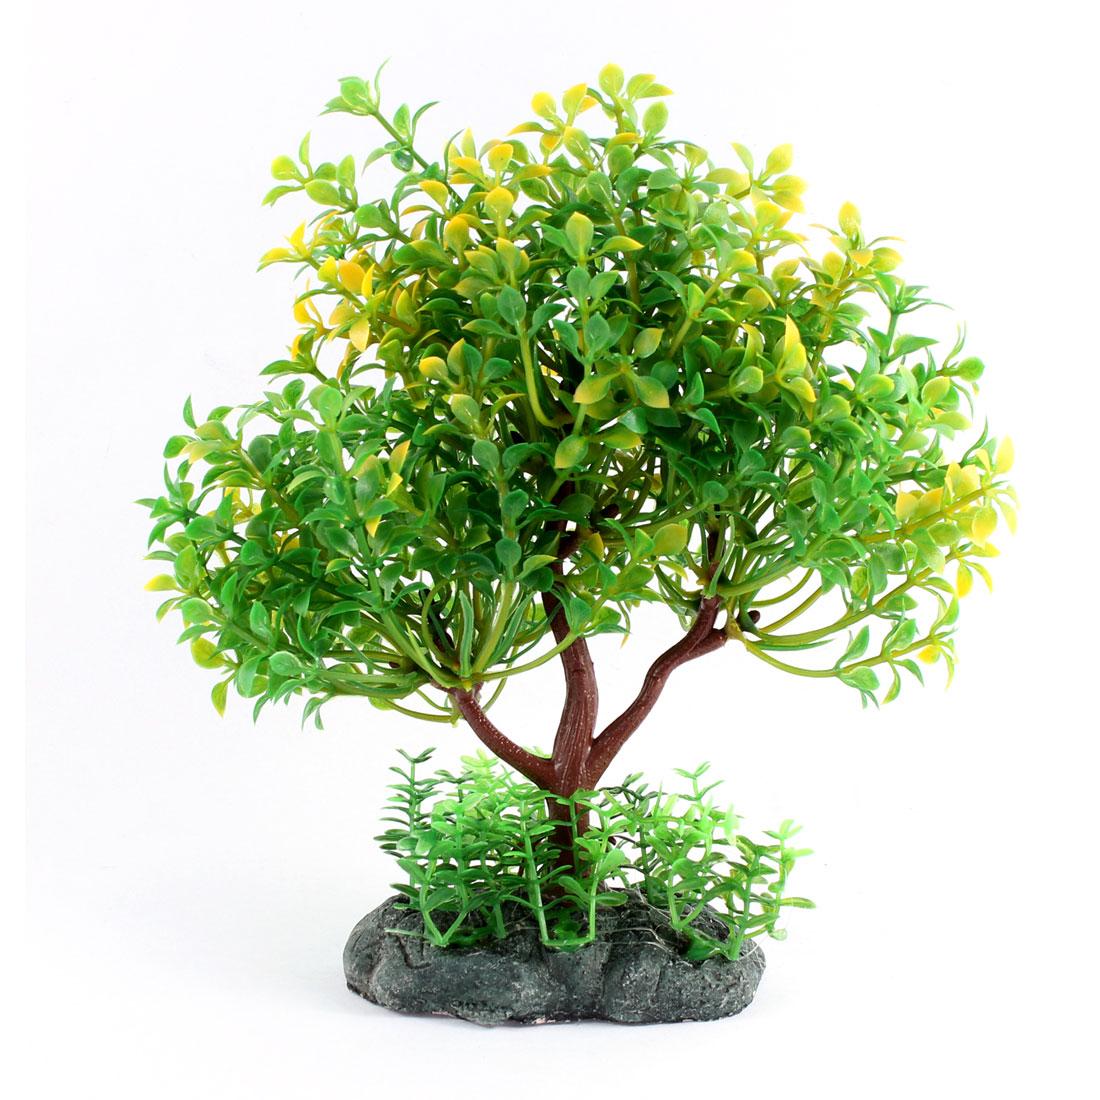 Green Emulational Aquarium Plastic Plant Ornament